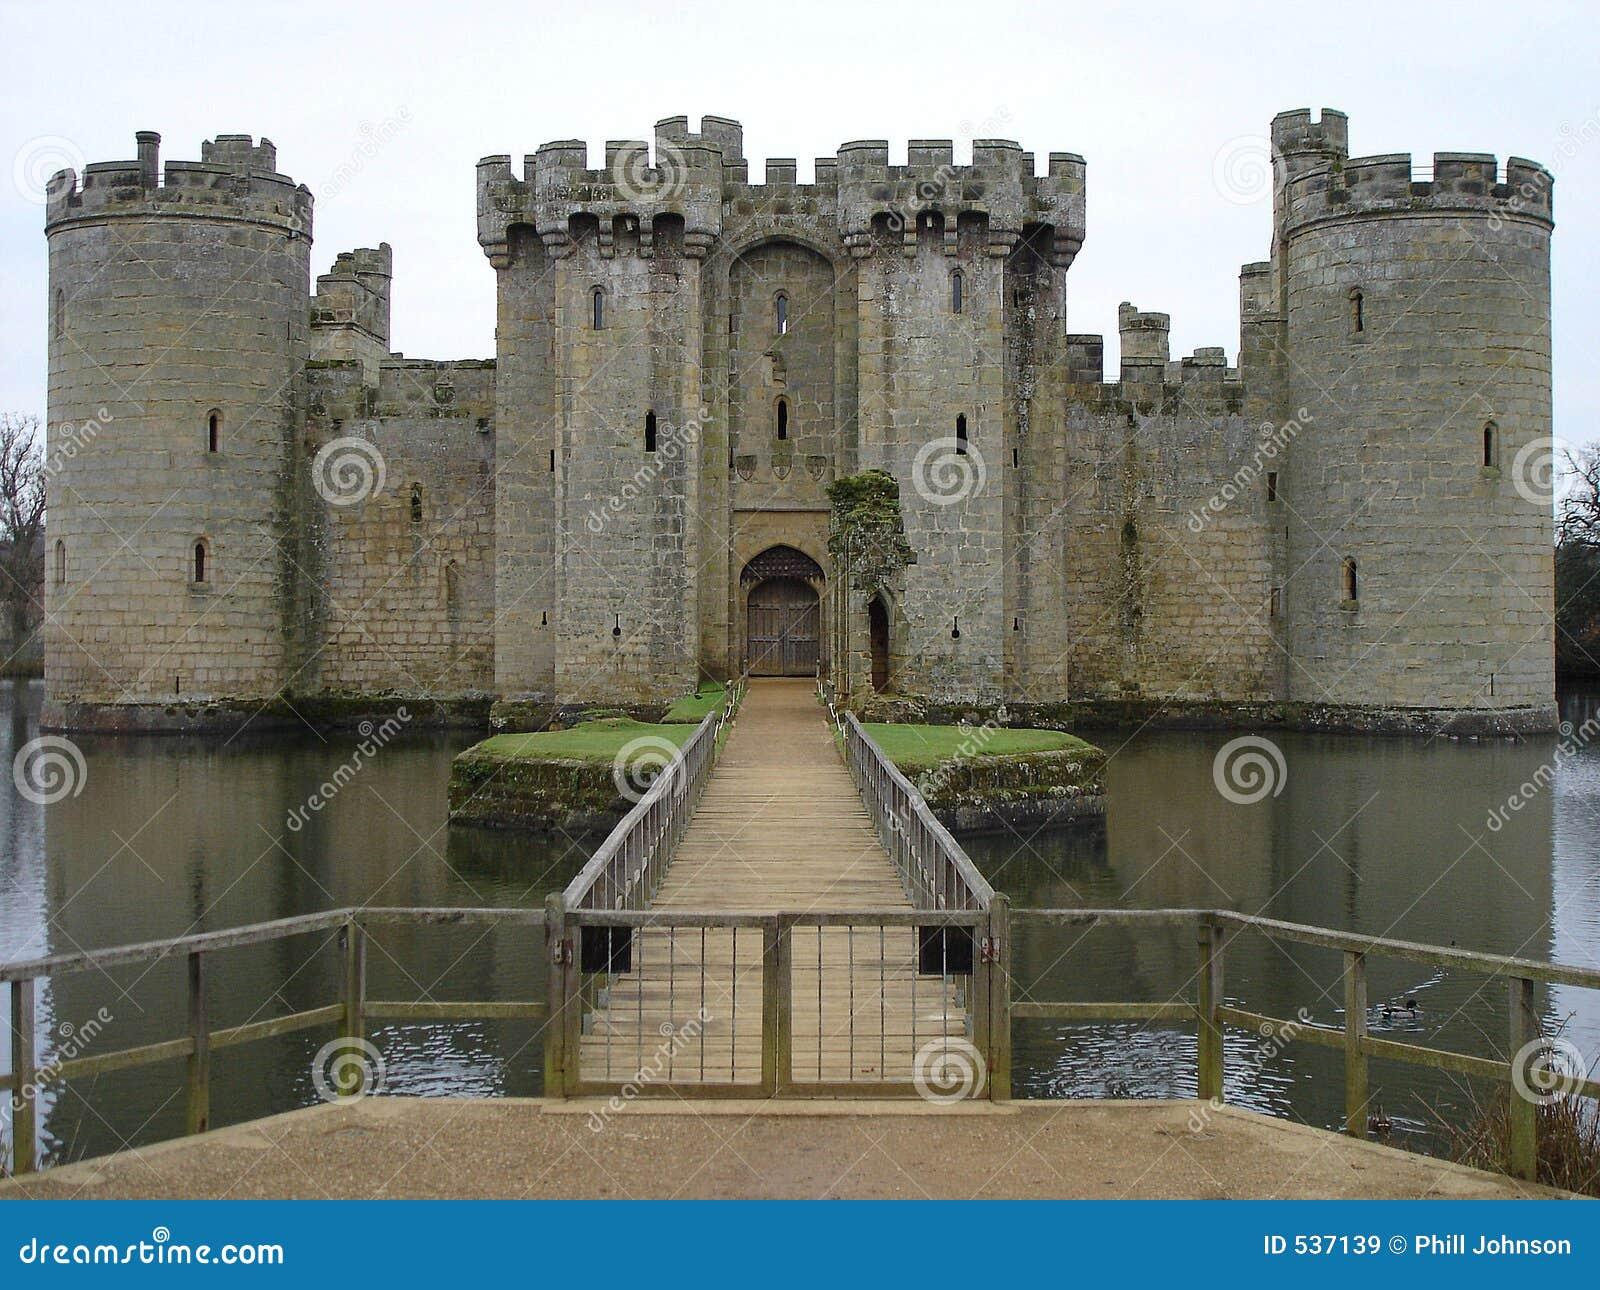 Download Bodium城堡 库存图片. 图片 包括有 幻想, 堡垒, 有历史, 王子, 骑士, 中世纪, 宫殿, 护城河 - 537139